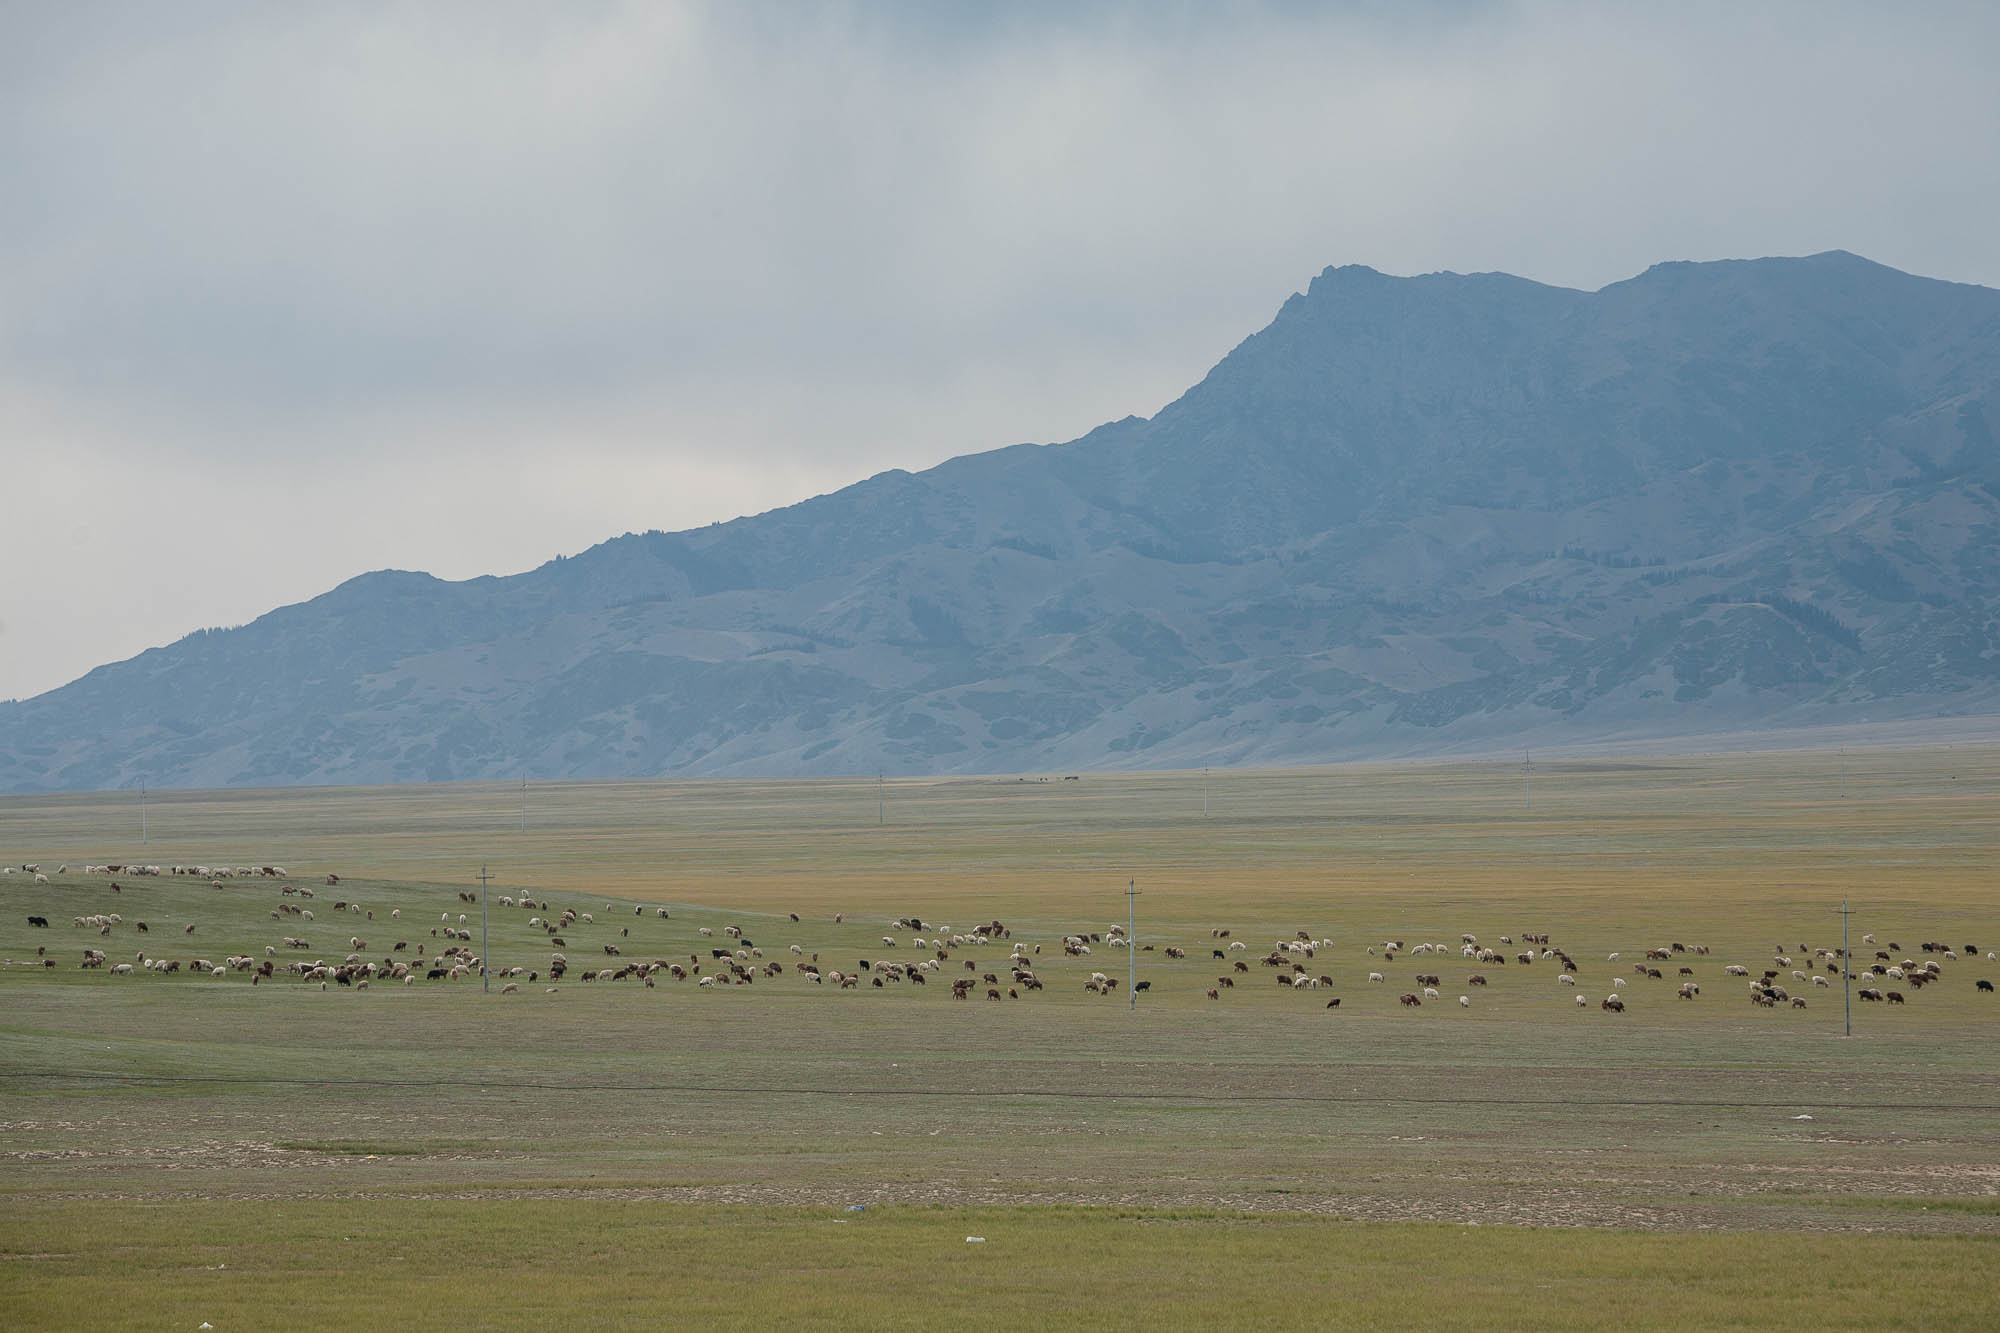 herds